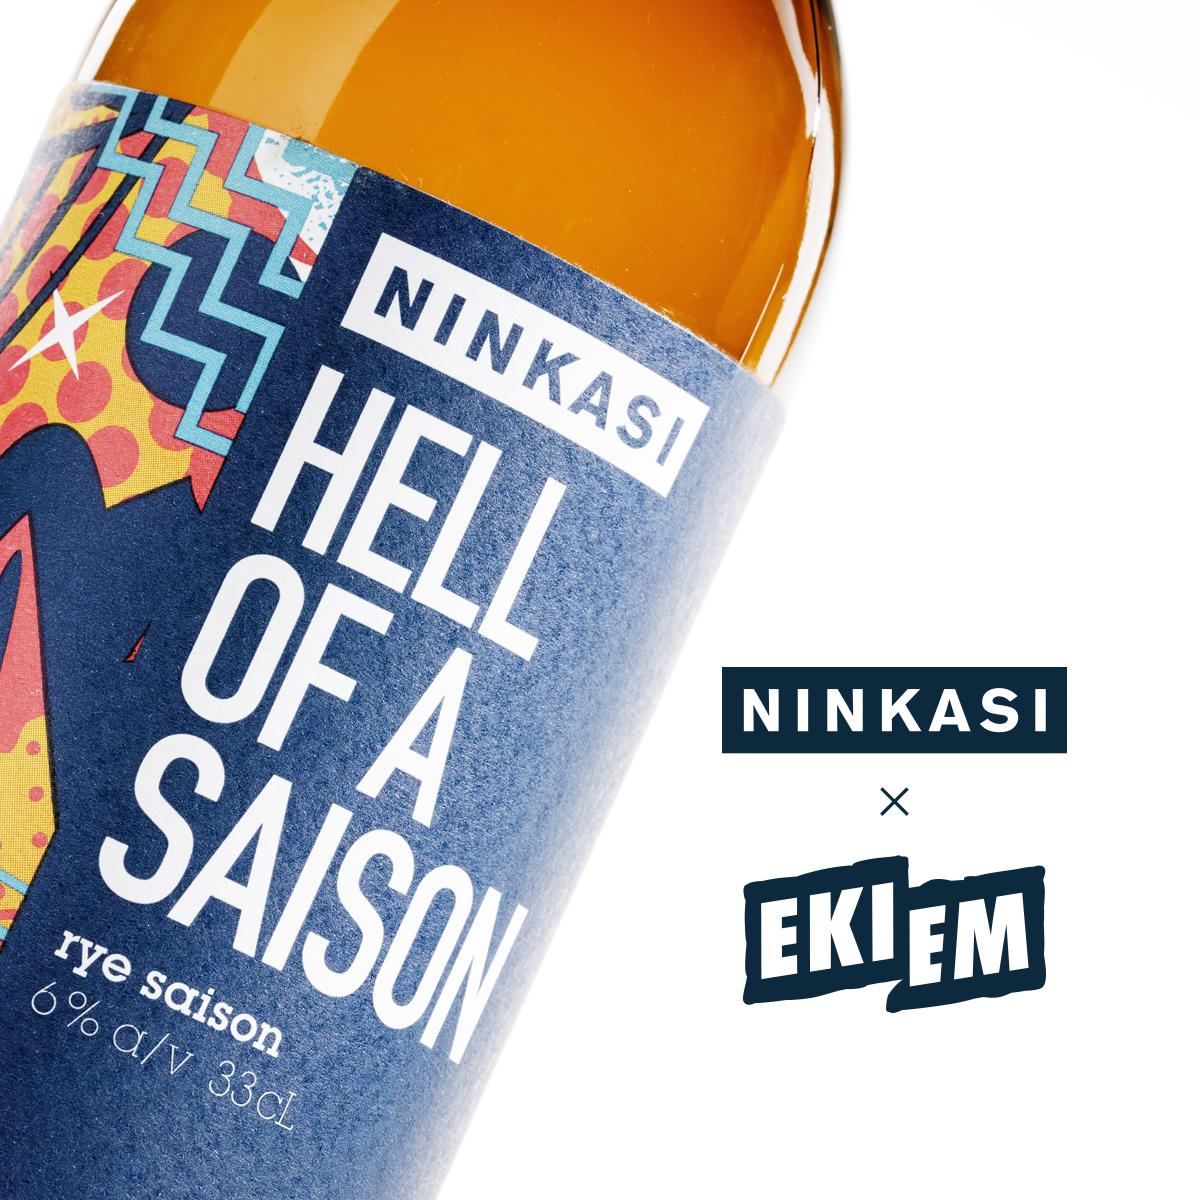 ninkasi_hell_of_a_season_artist_serie_EKIEM_packshot2.png